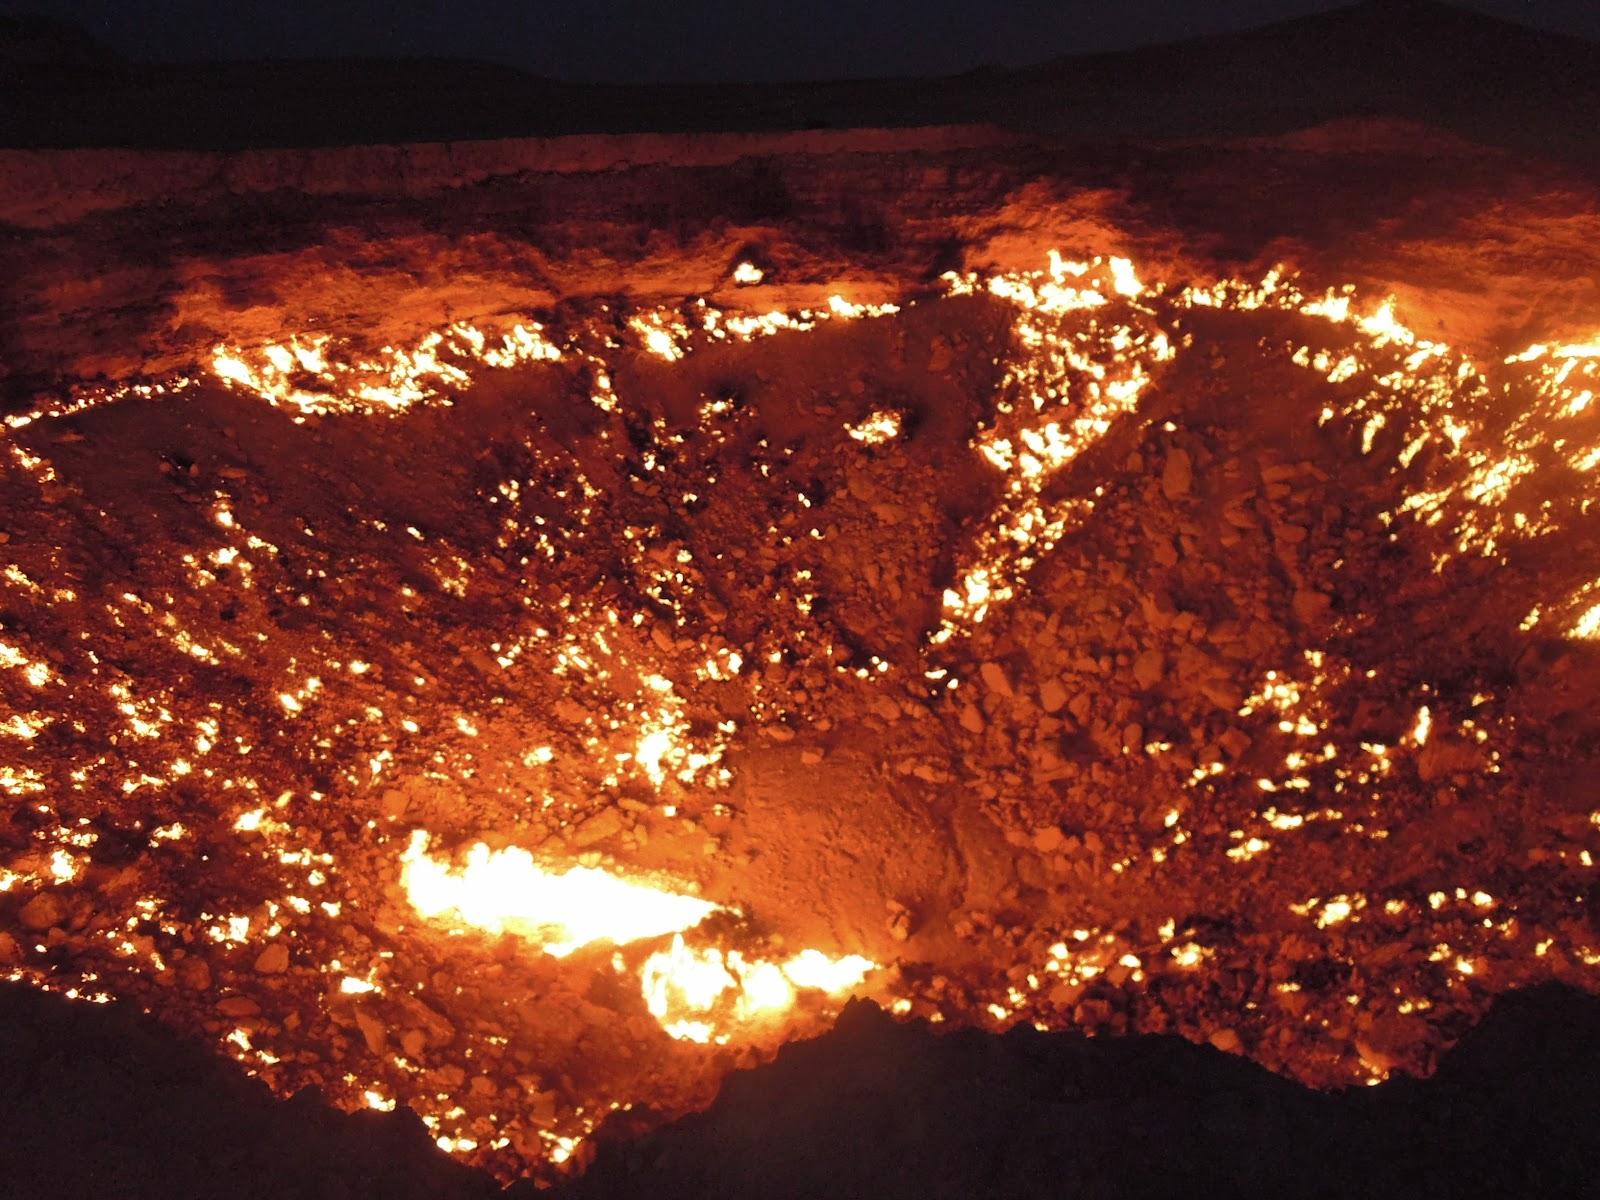 Ma grande vadrouille la porte de l 39 enfer turkmenistan suite - Turkmenistan porte de l enfer ...